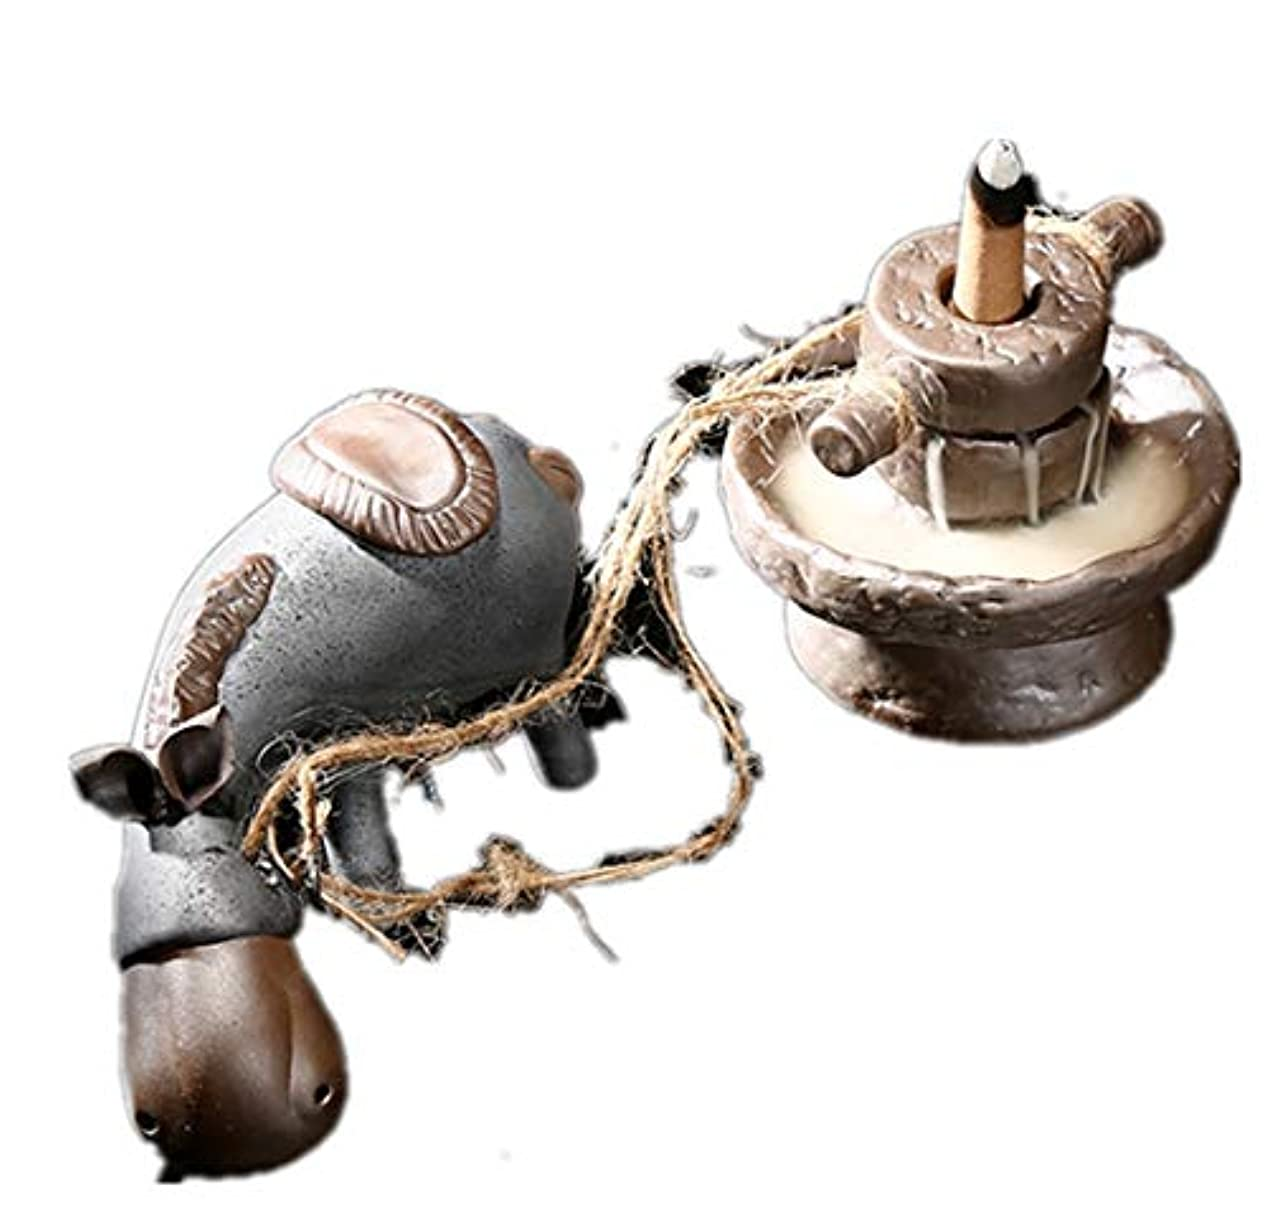 科学者法律アナログXPPXPP Reflux Incense Burner, Ceramic Incense Burner, With 10pcs Reflux Cone, Suitable For Home Decoration